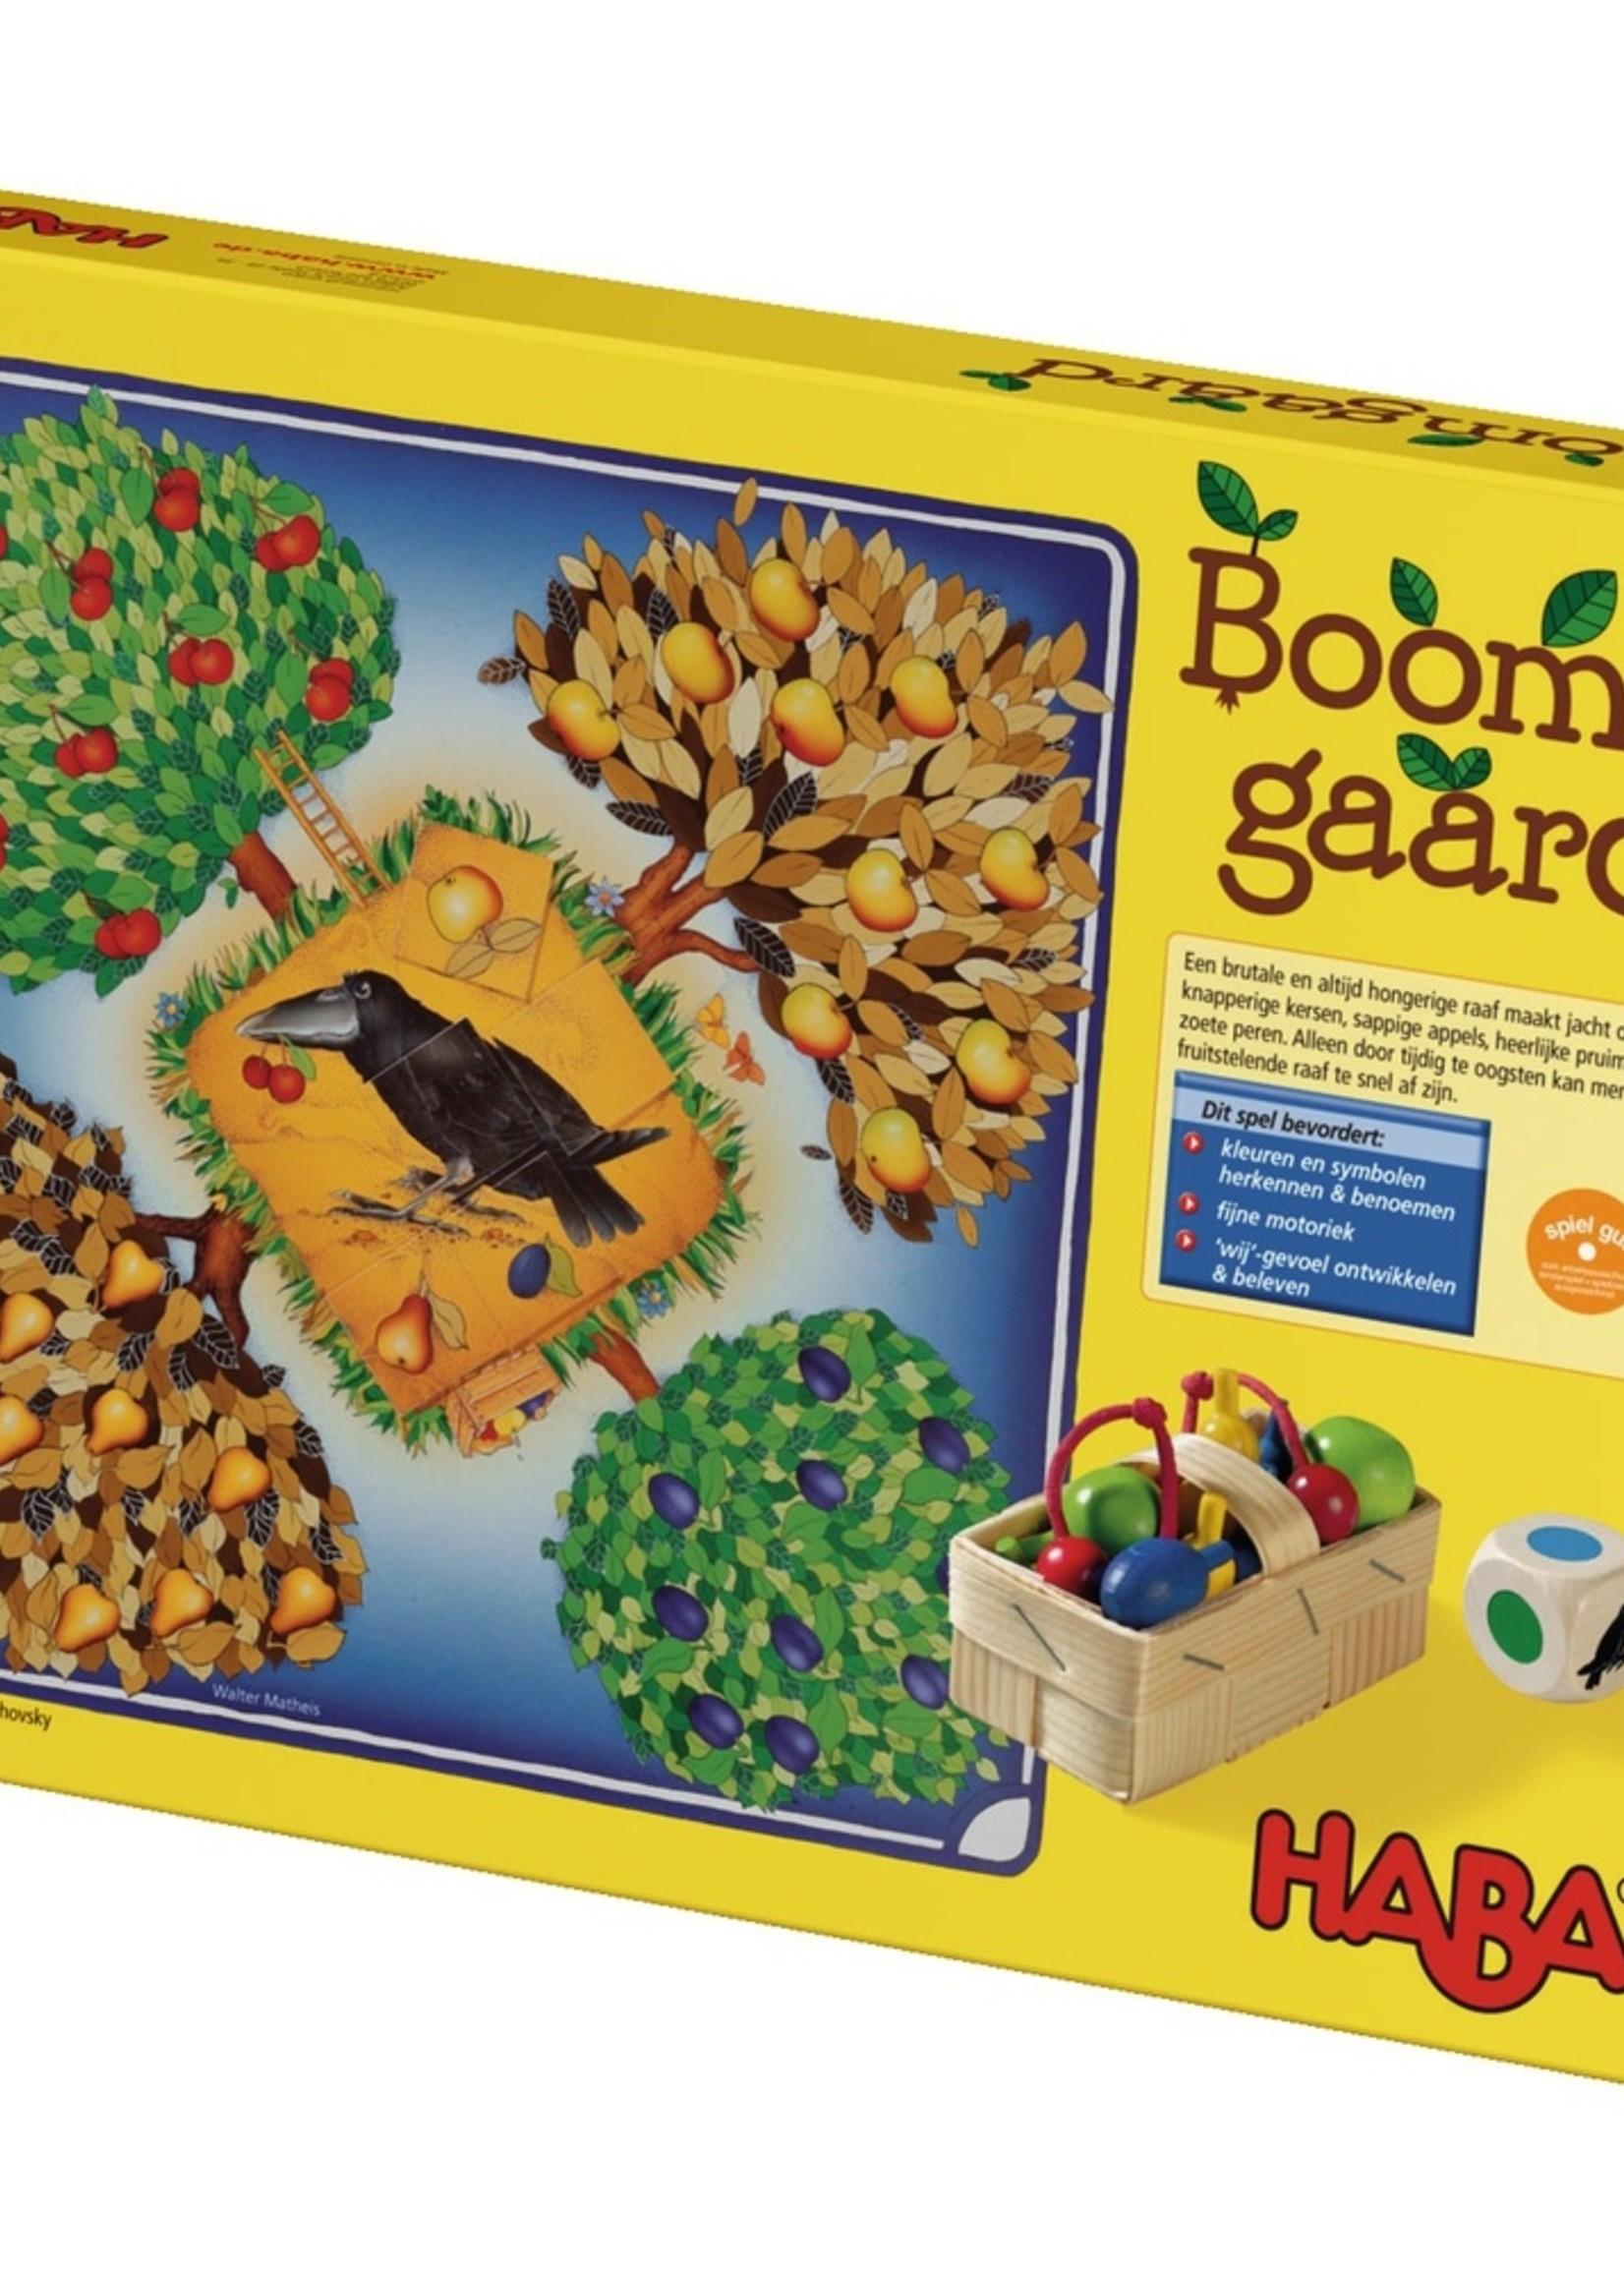 HABA Boomgaard